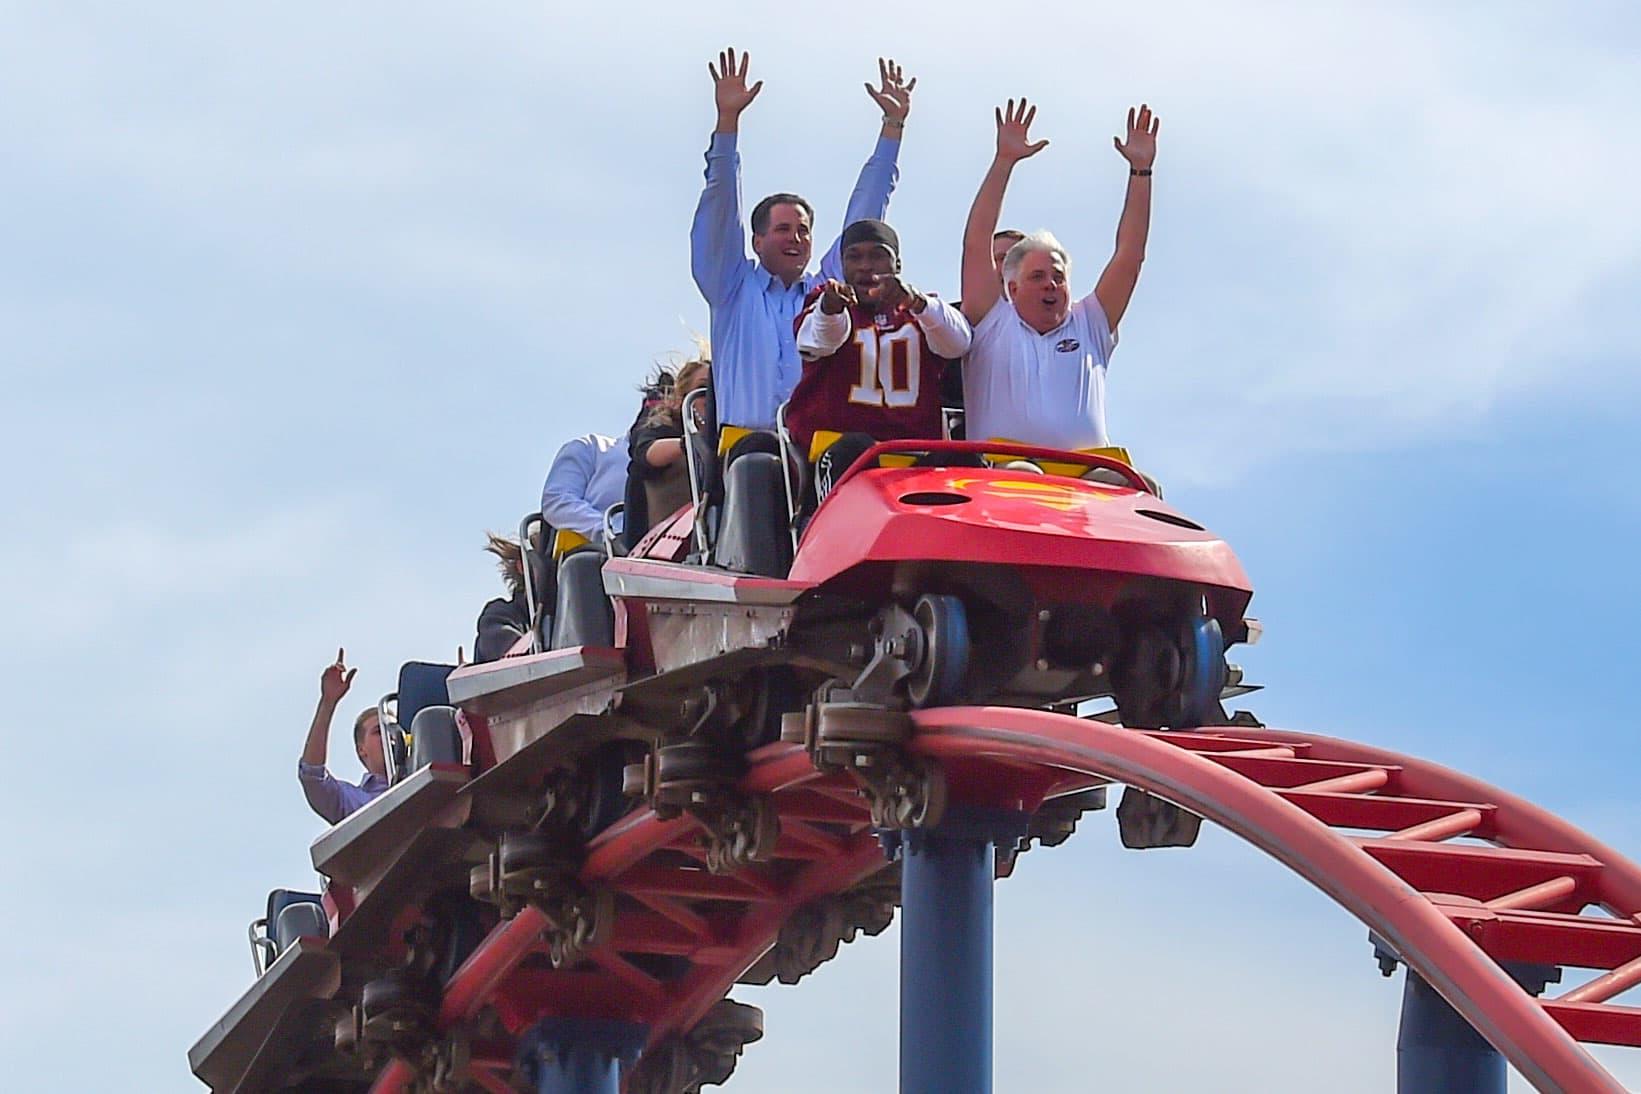 Las cosas son tan malas para Six Flags que el mismo analista lo rebajó dos veces en menos de 12 horas. thumbnail